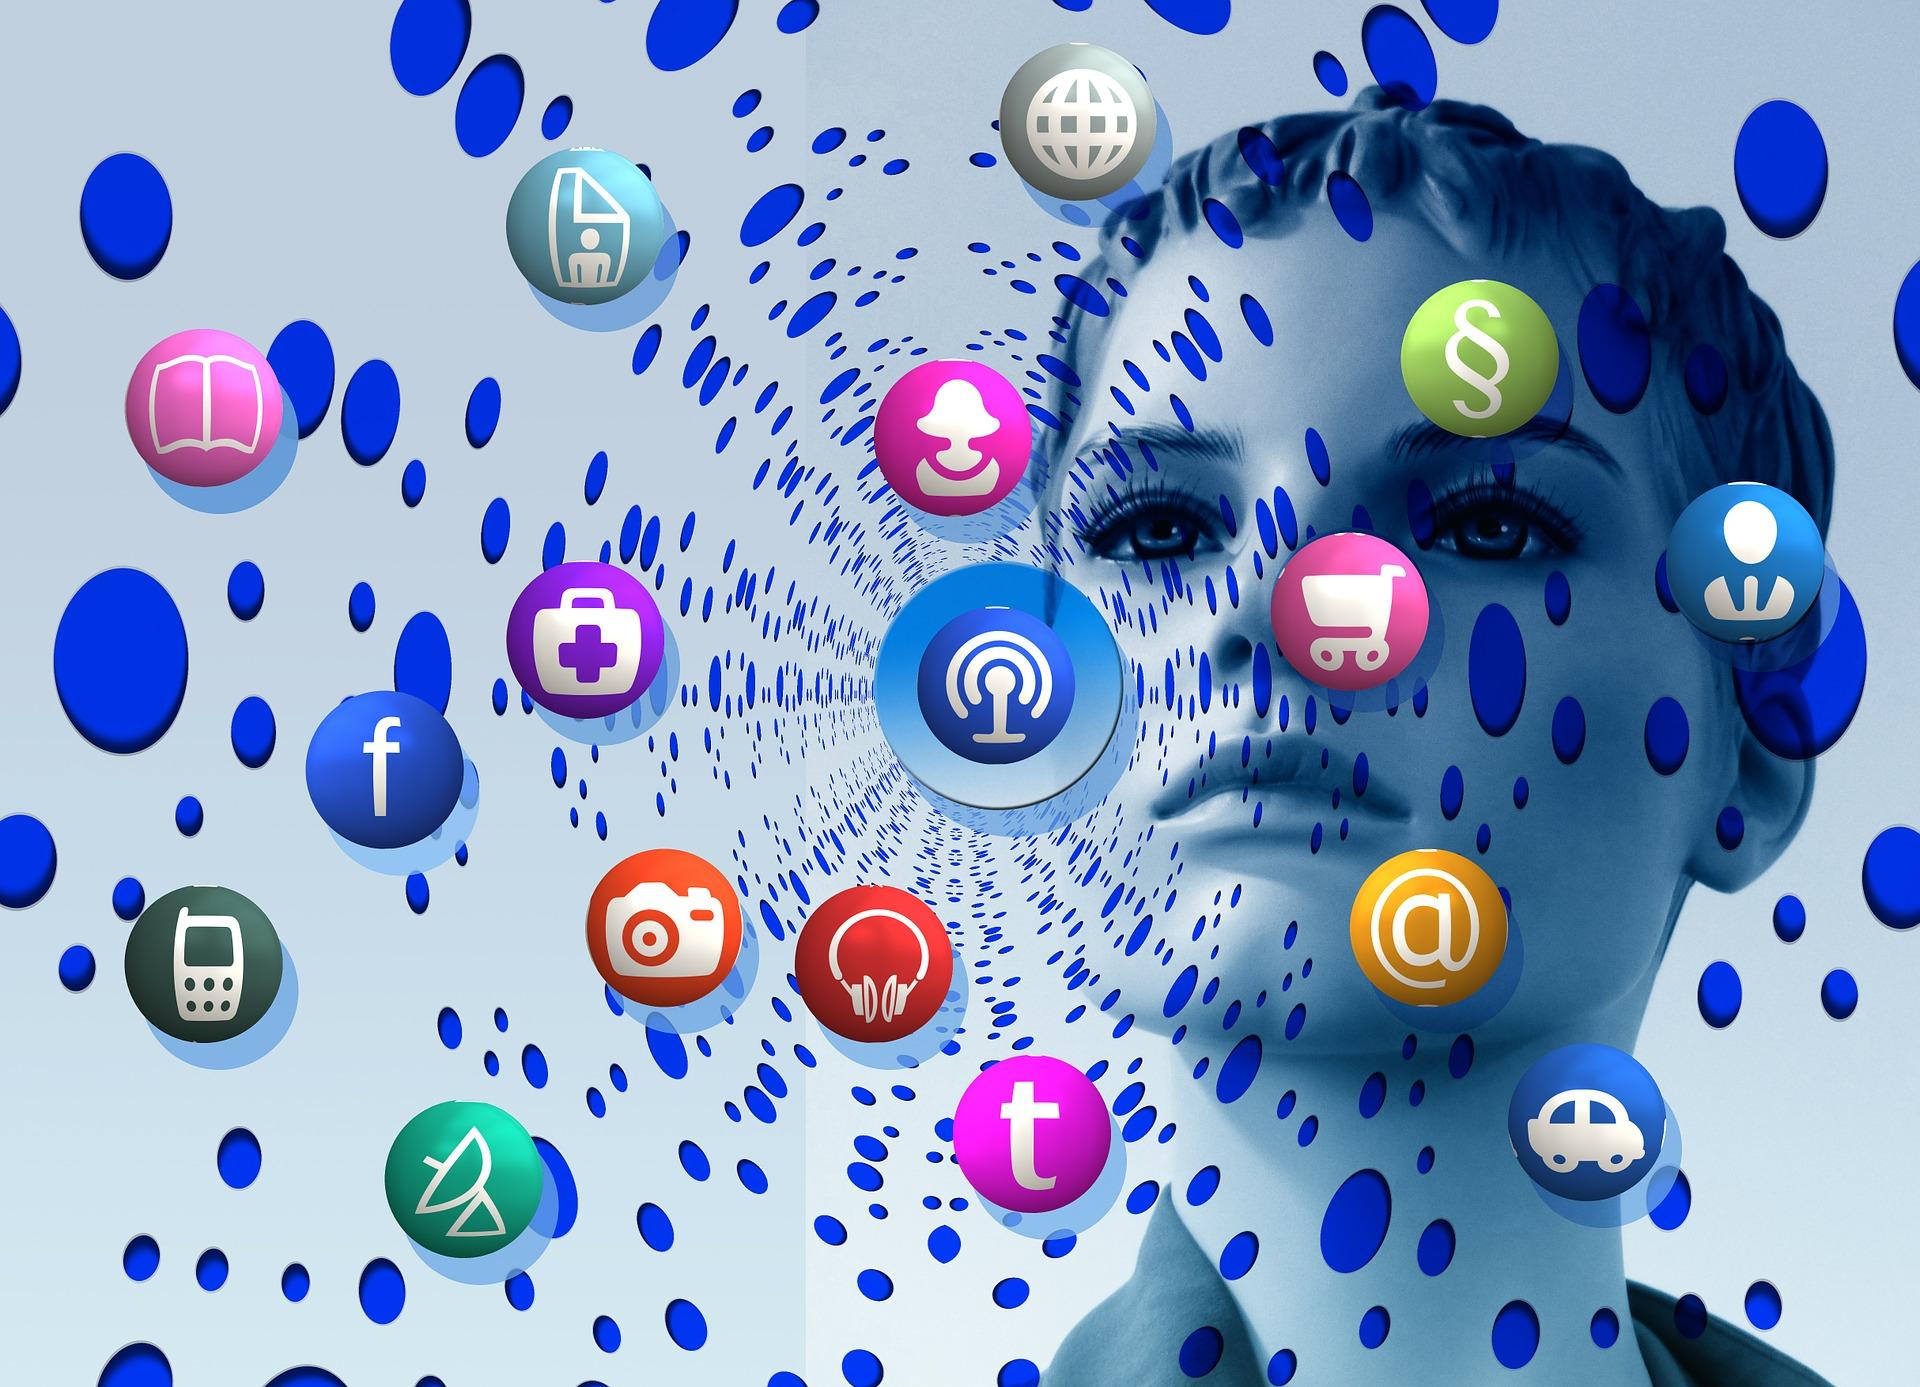 Die digitale Welt